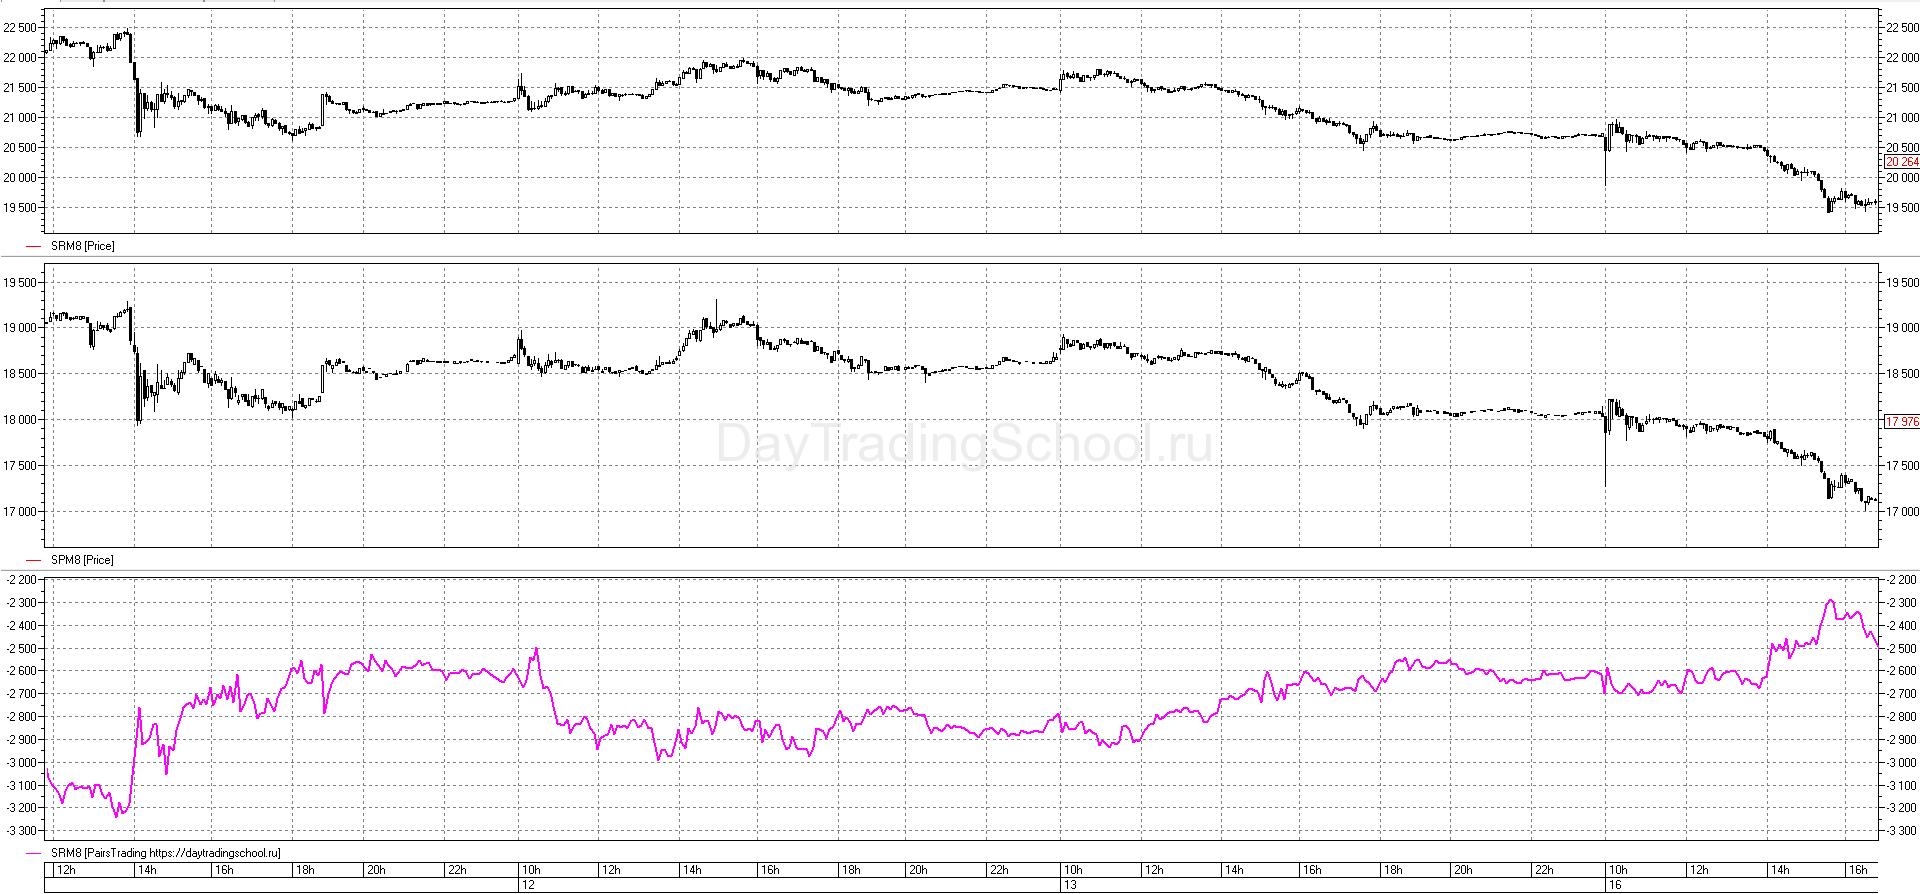 график-Разница-Pairs-Tradings